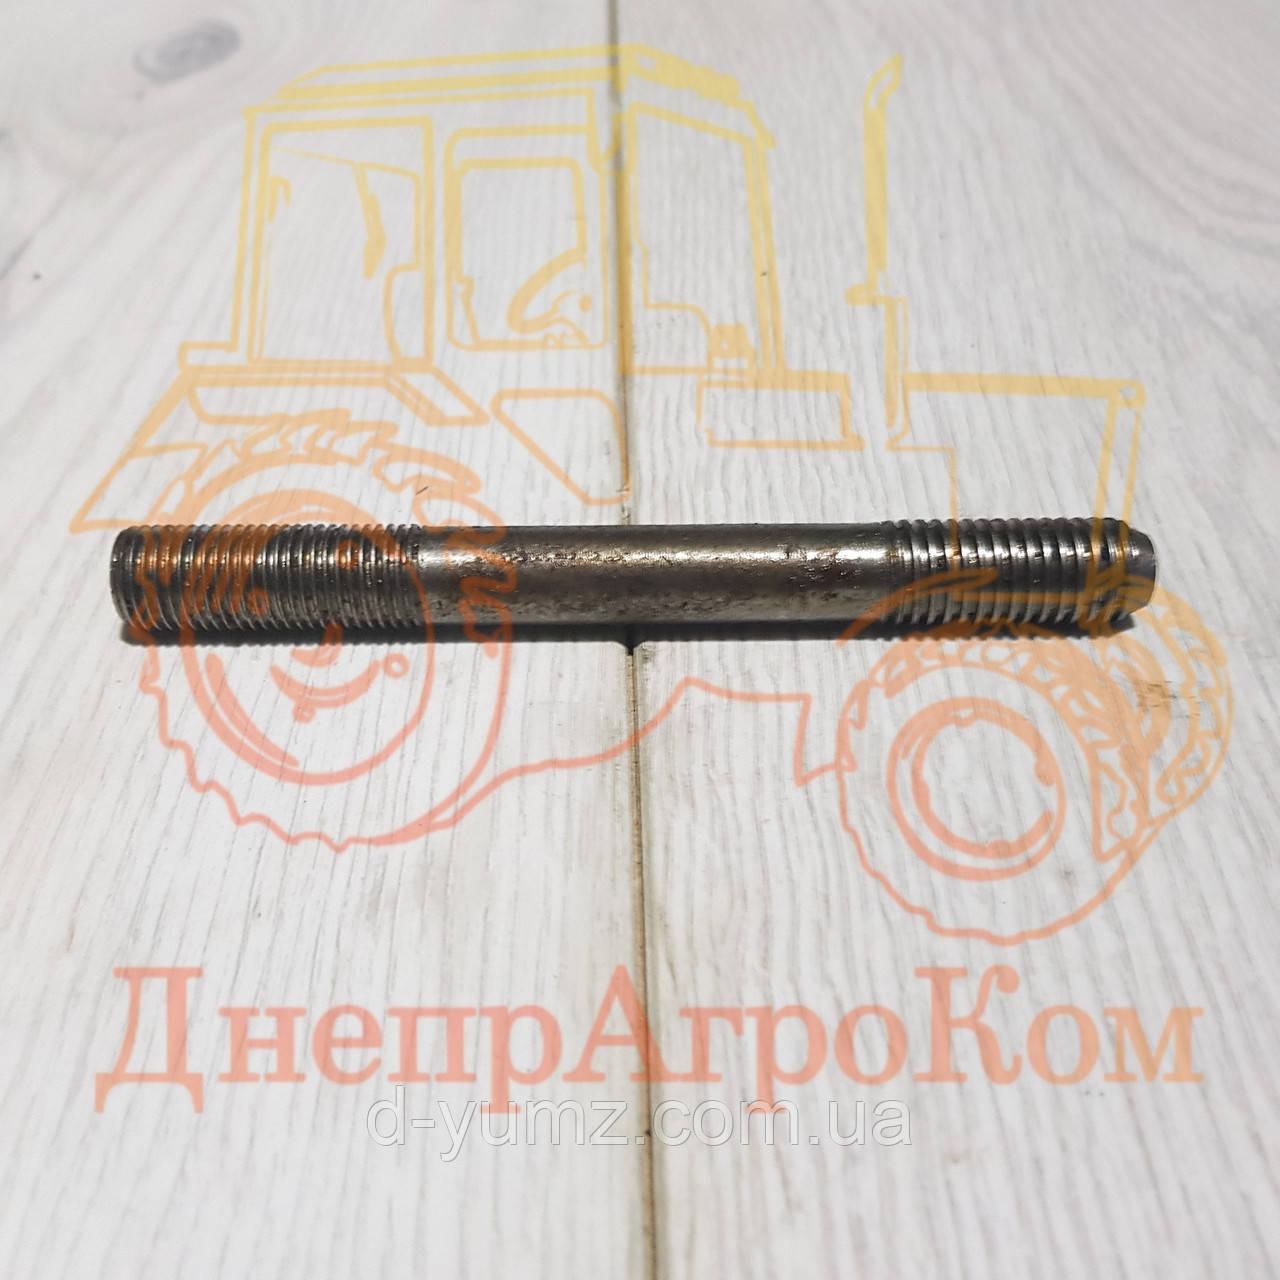 Шпилька блока цилиндров ЮМЗ Д-65 Д01-006-А